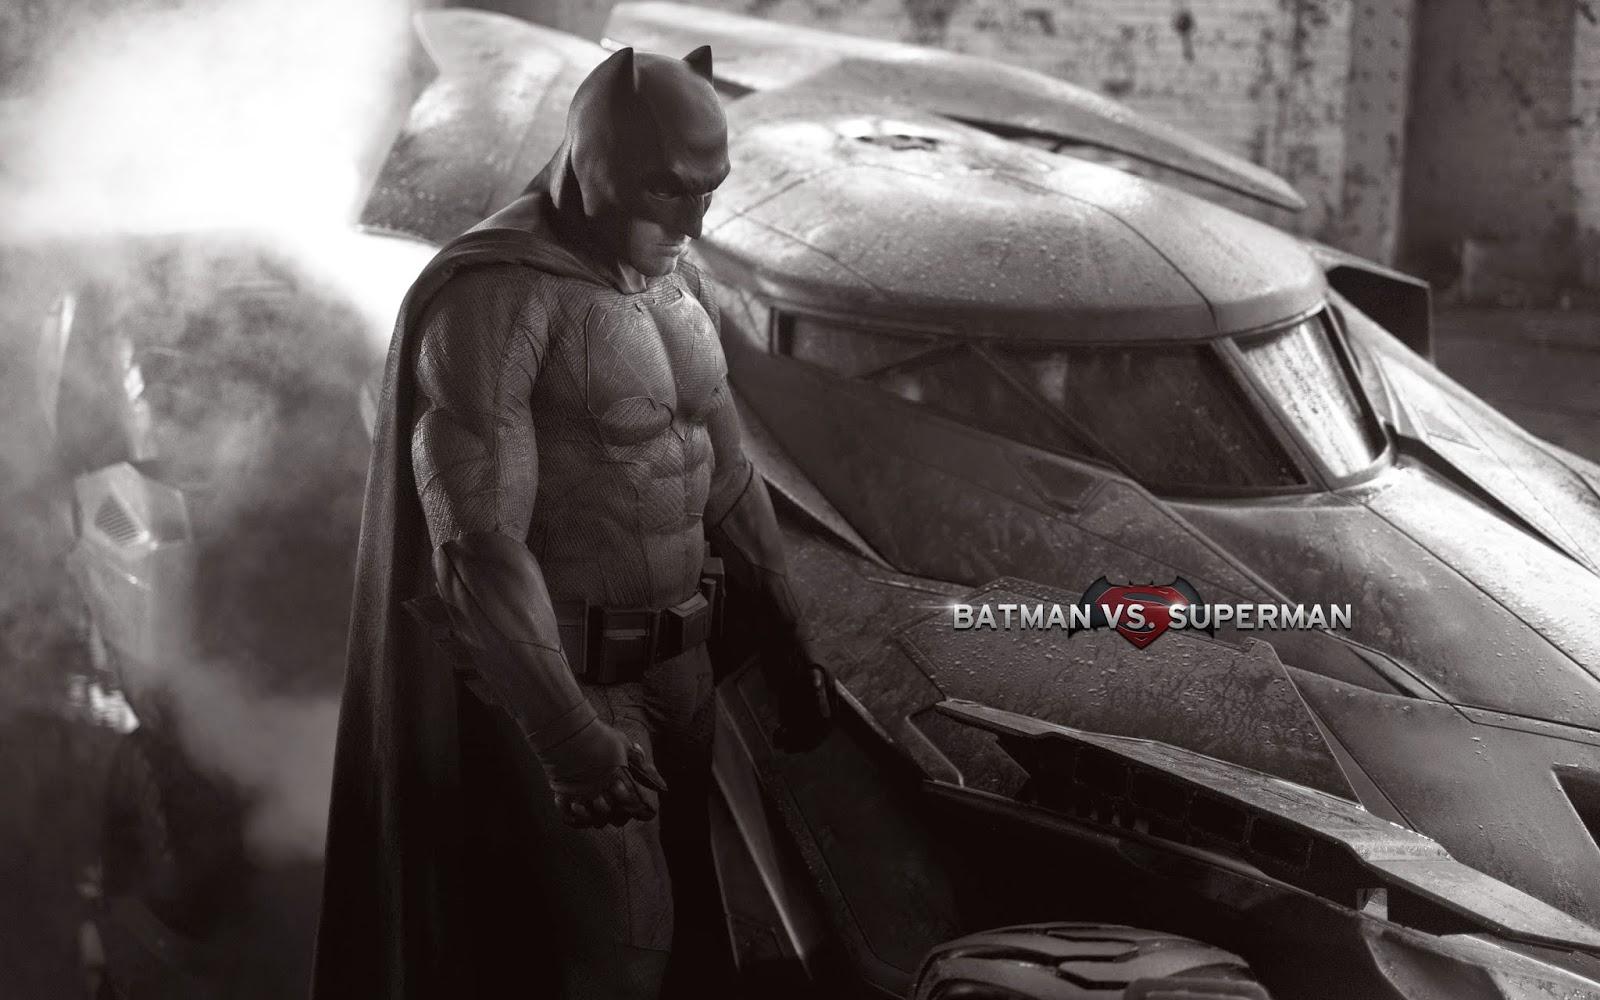 Batman In Batman V Superman Wallpaper